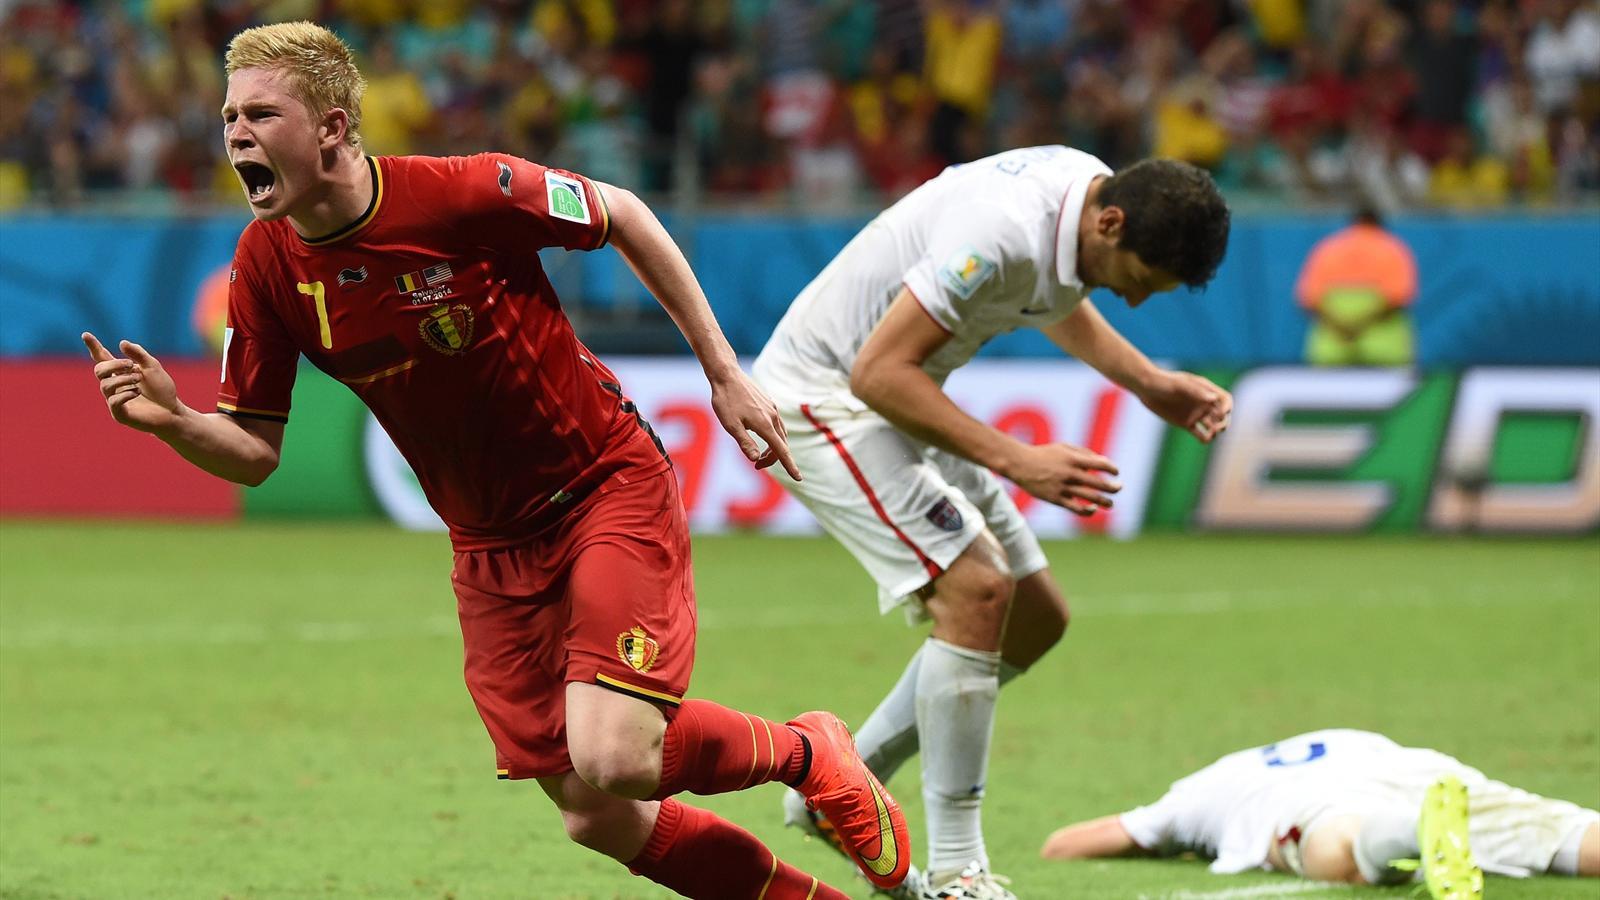 Coupe du monde 2014 belgique etats unis 2 1 ap les diables rouges en quart de finale - Coupe du monde belgique 2014 ...